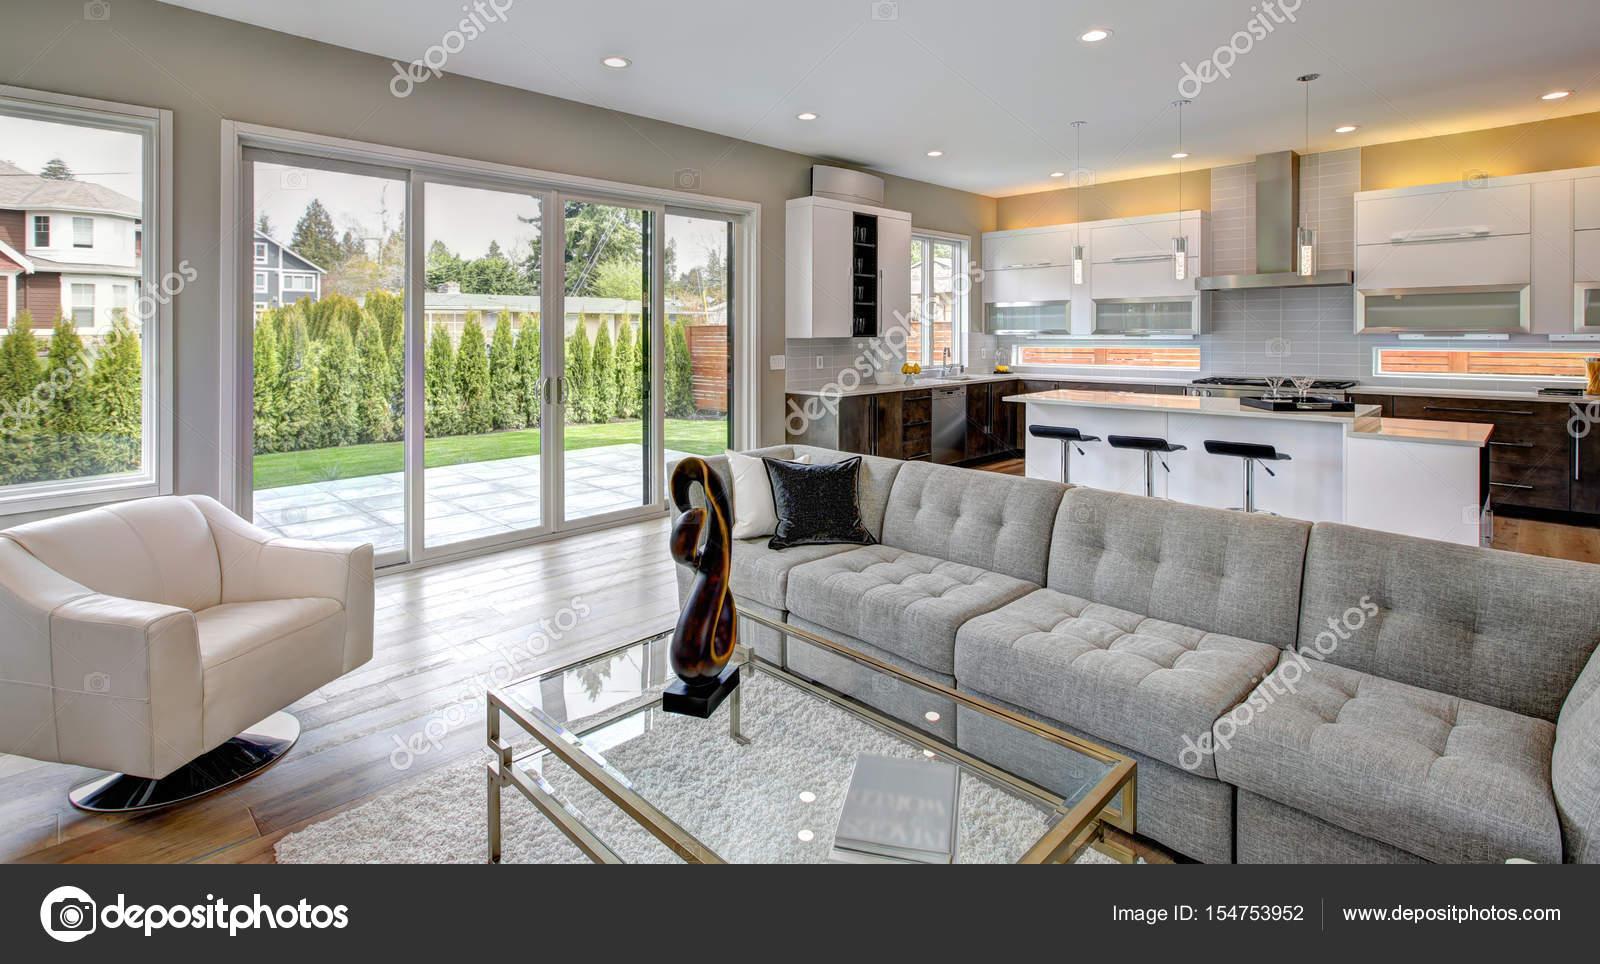 Fesselnd Wohnzimmer Im Modernen Stil U2014 Stockfoto